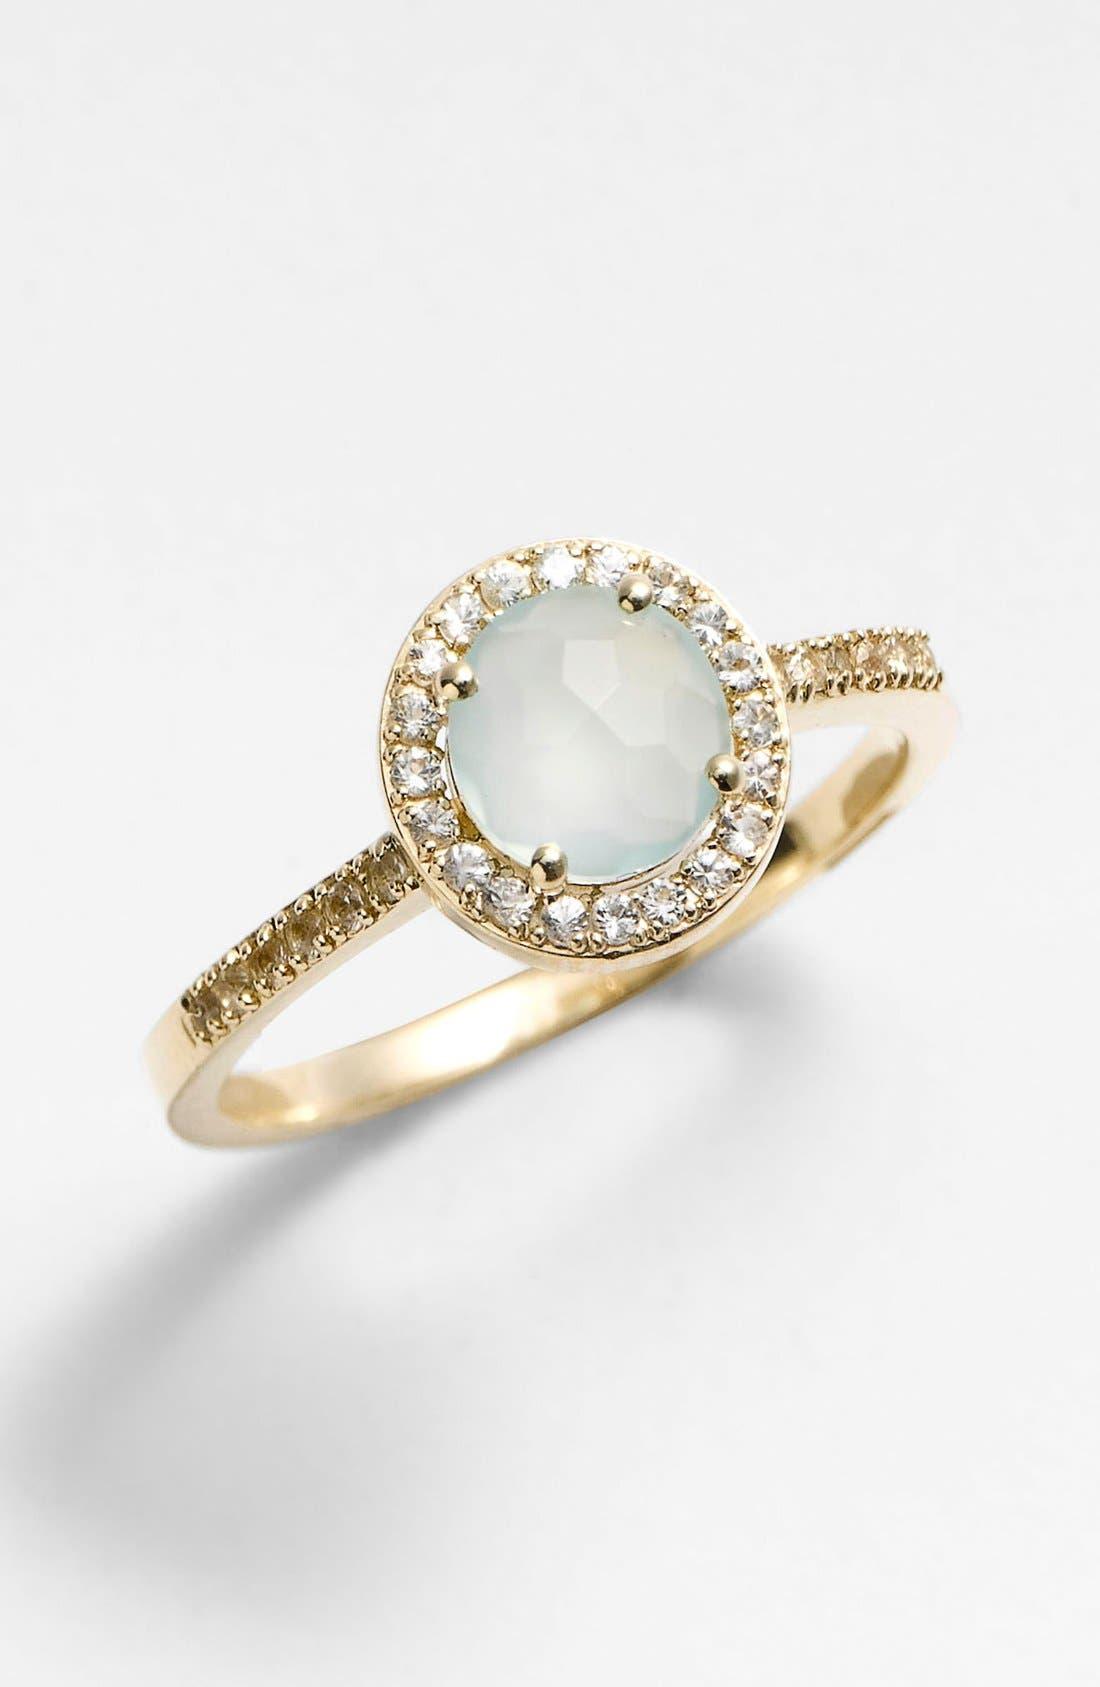 Main Image - KALAN by Suzanne Kalan Round Bezel Ring